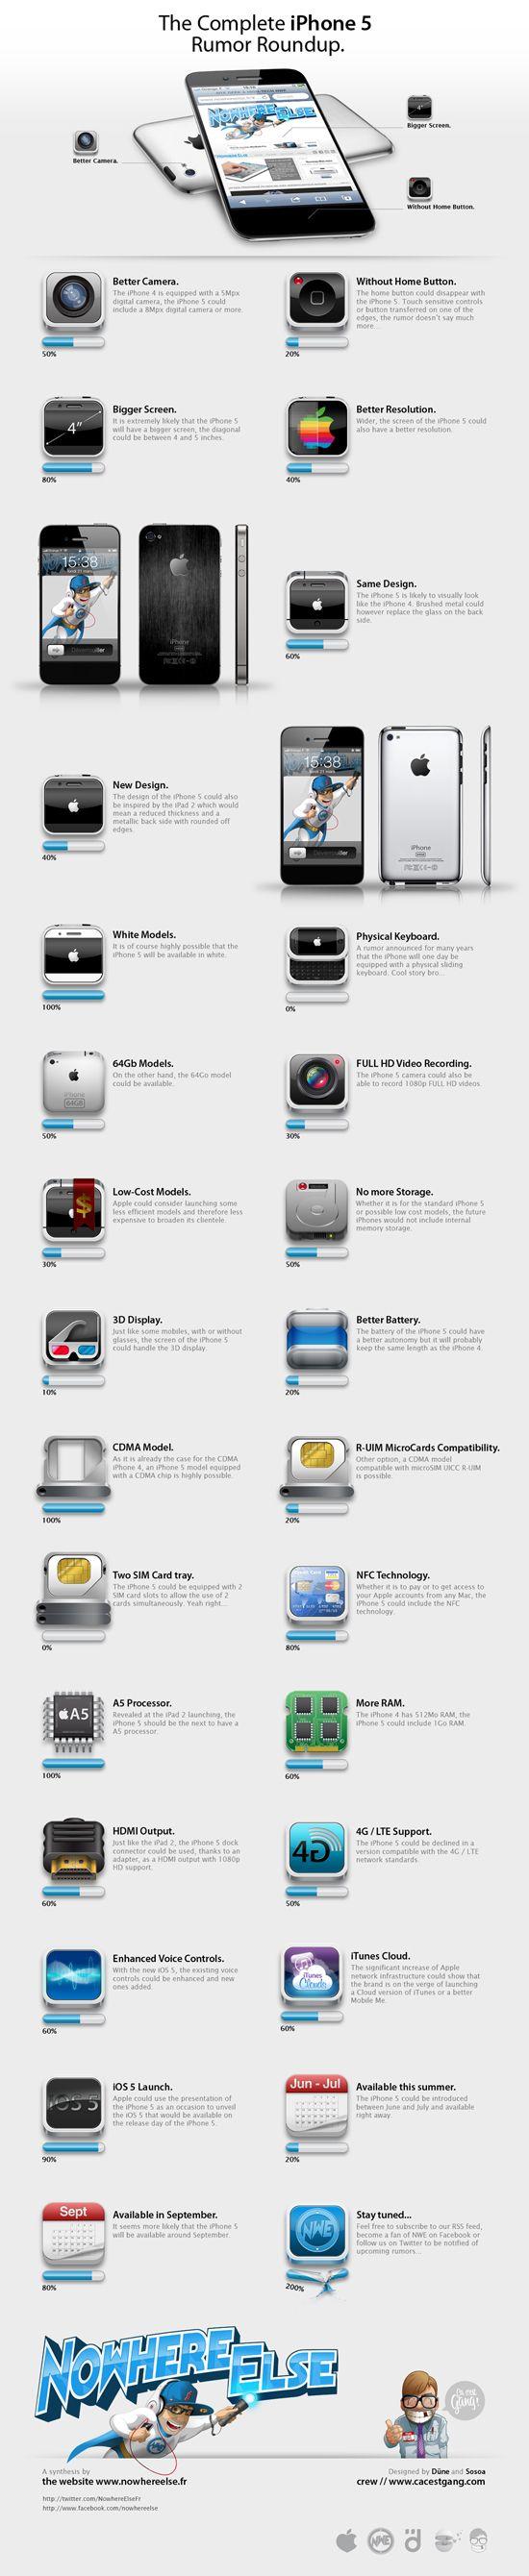 französische Webseite Nowwhereelse.fr hat eine hübsche Infografik zu den aktuellen Gerüchten rund um das iPhone 5 erstellt. Die Vorstellung des iPhone 5 wird im Juni erwartet. Neben dem A5 Dualcore Prozessor, besseren Kameras und einem flacheren, ans iPad 2 angelehnten Design wird auch ein grösseres Display erwartet...